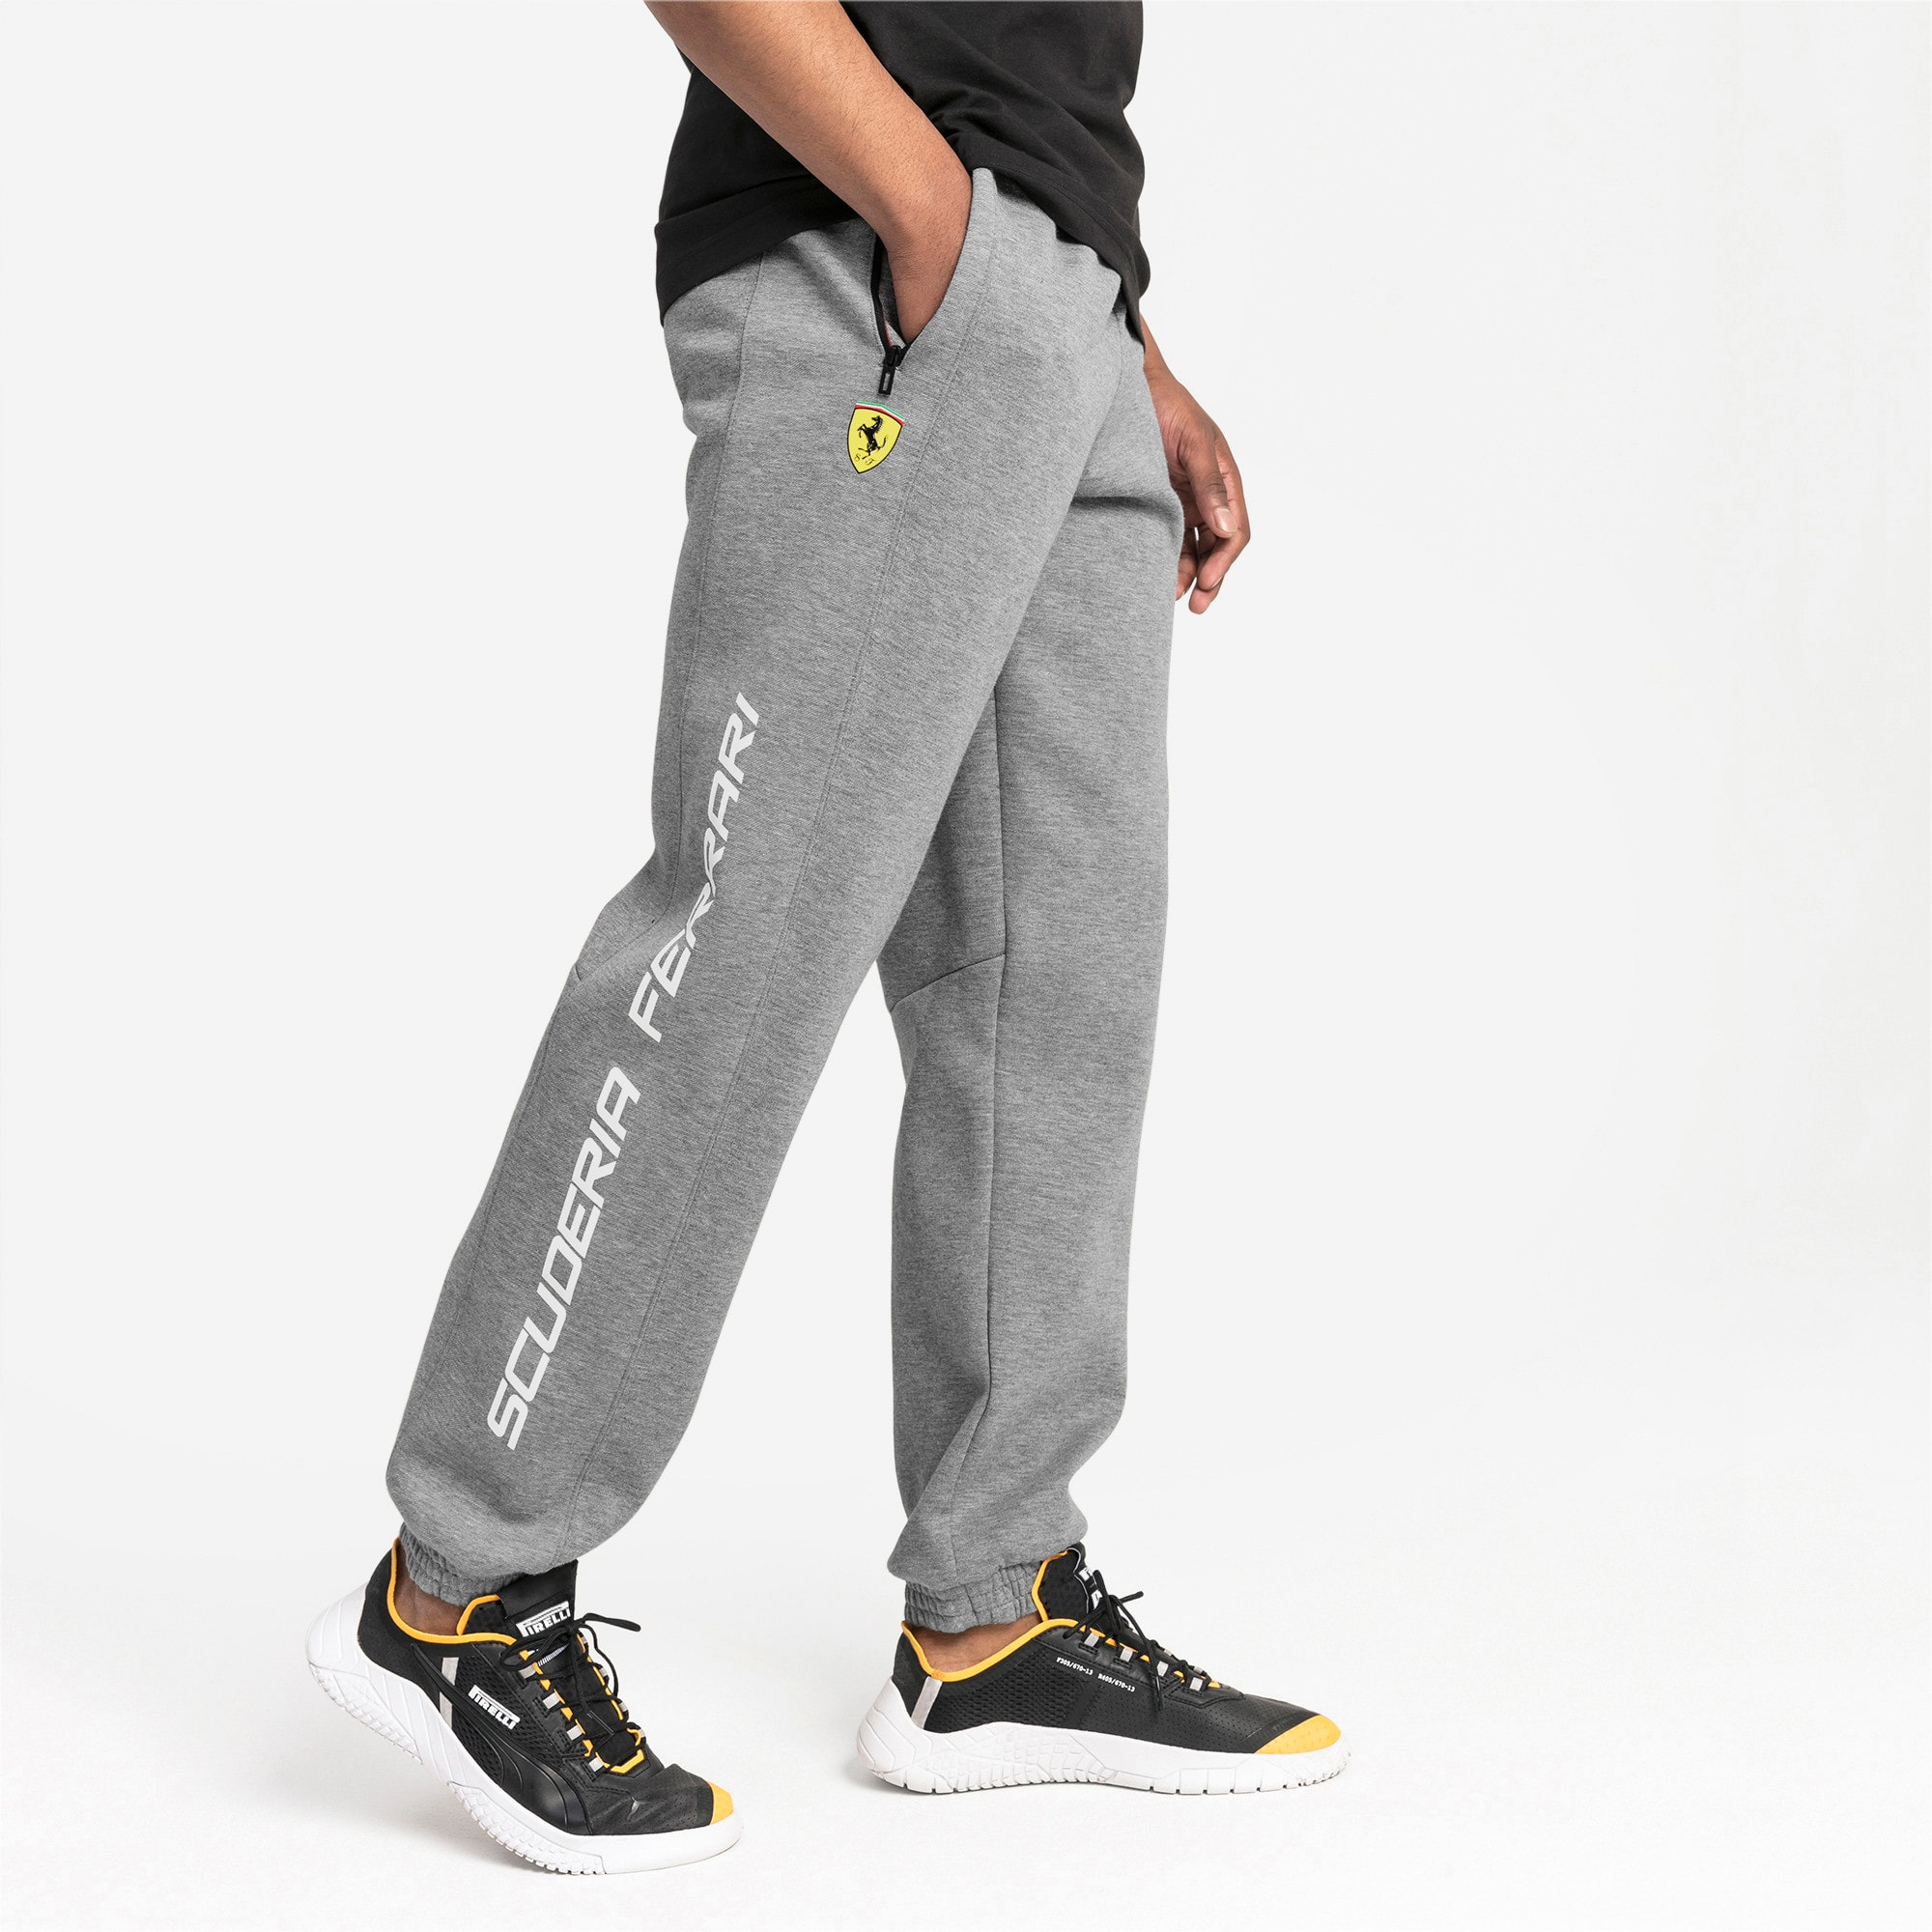 Thumbnail 1 of Pantaloni della tuta Ferrari uomo, Medium Gray Heather, medium